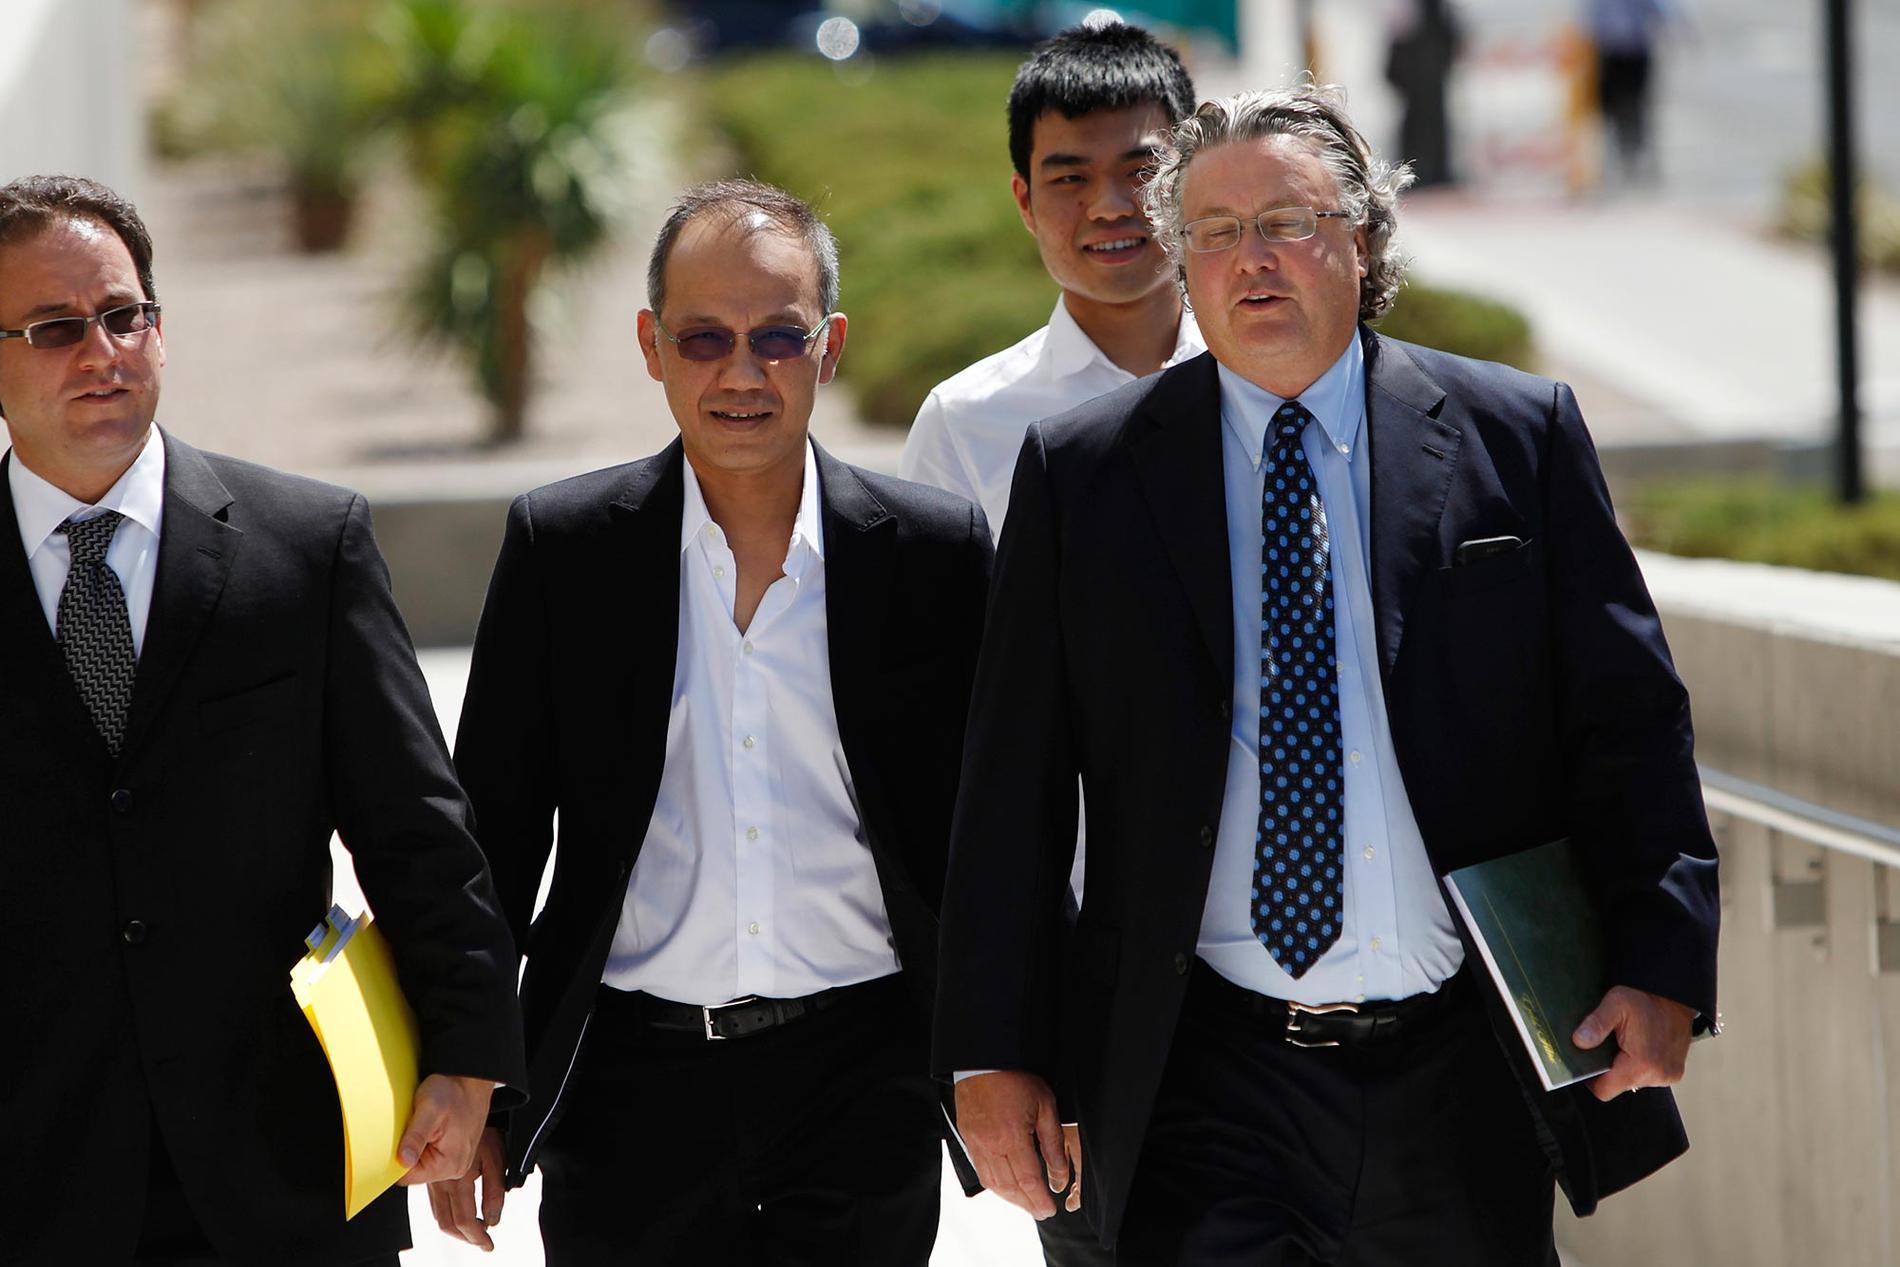 Paul Puha tvingas till domstolen trots allt.